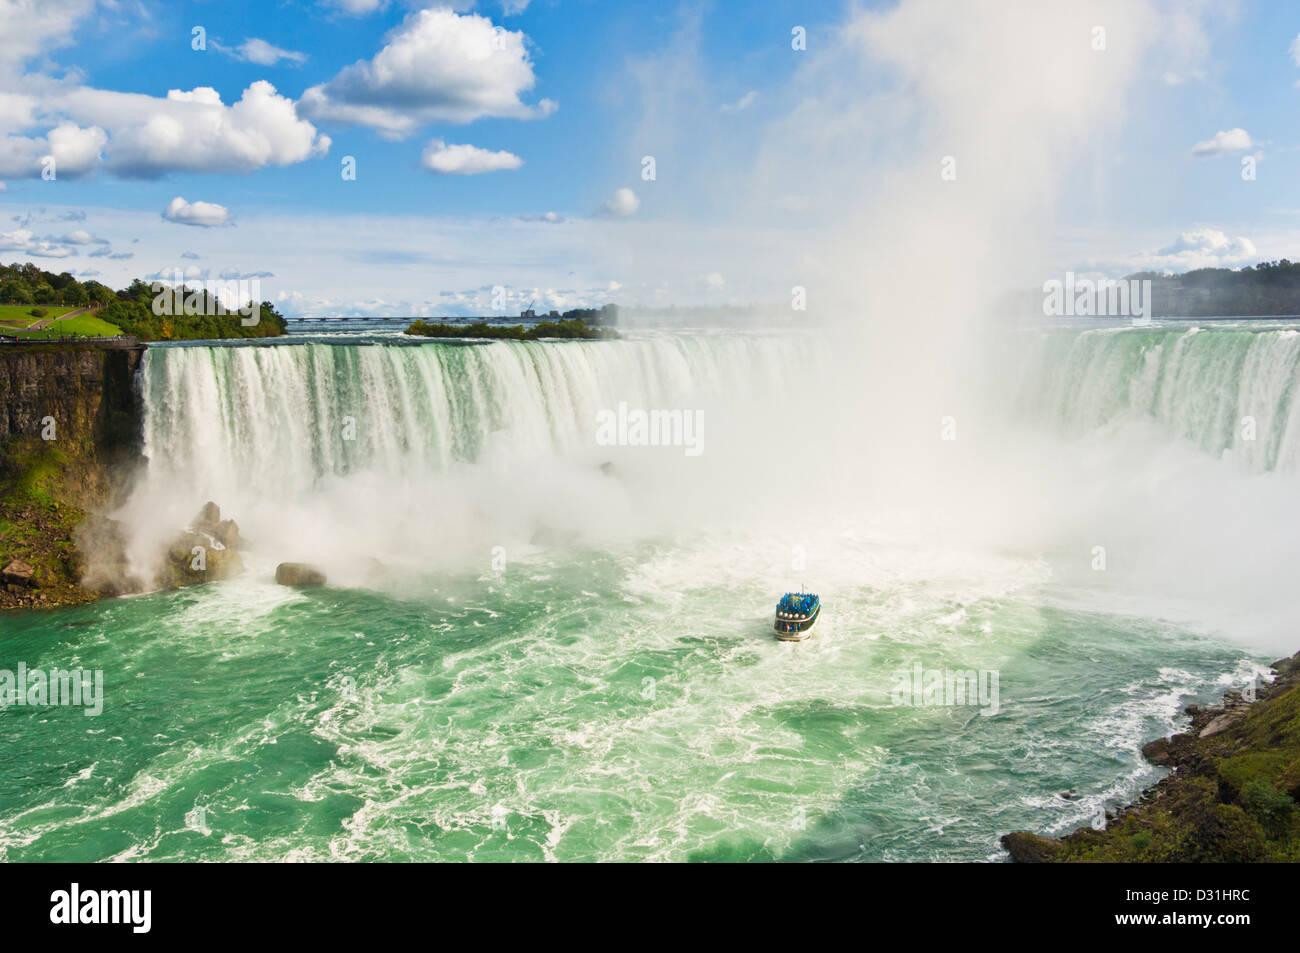 Maid of the Mist Boat cruise avec les touristes en bleu d'imperméables Horseshoe Falls sur la rivière Niagara, Ontario Banque D'Images